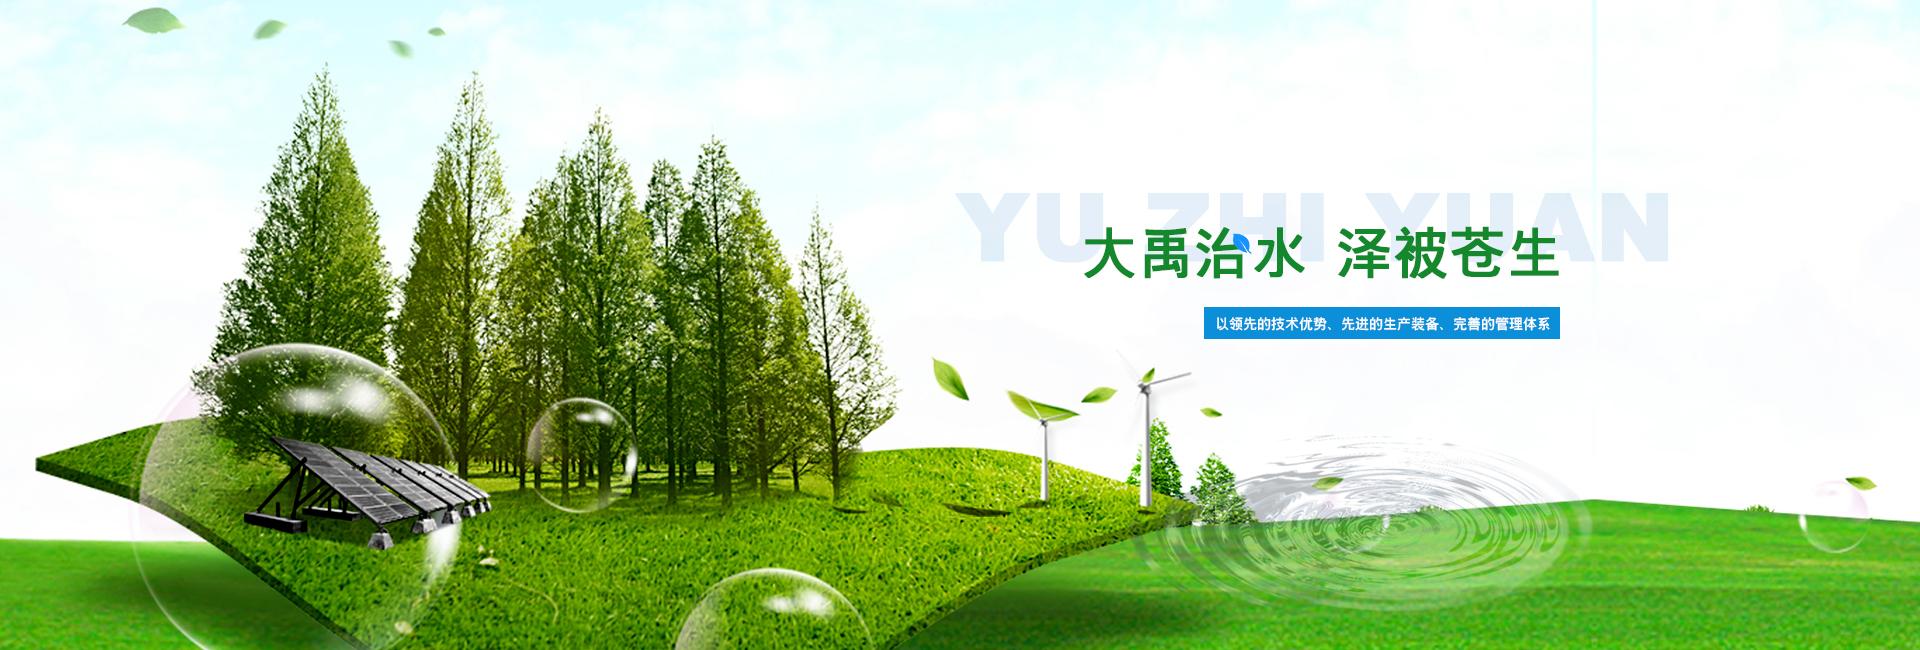 贵州禹之源生态环保有限公司